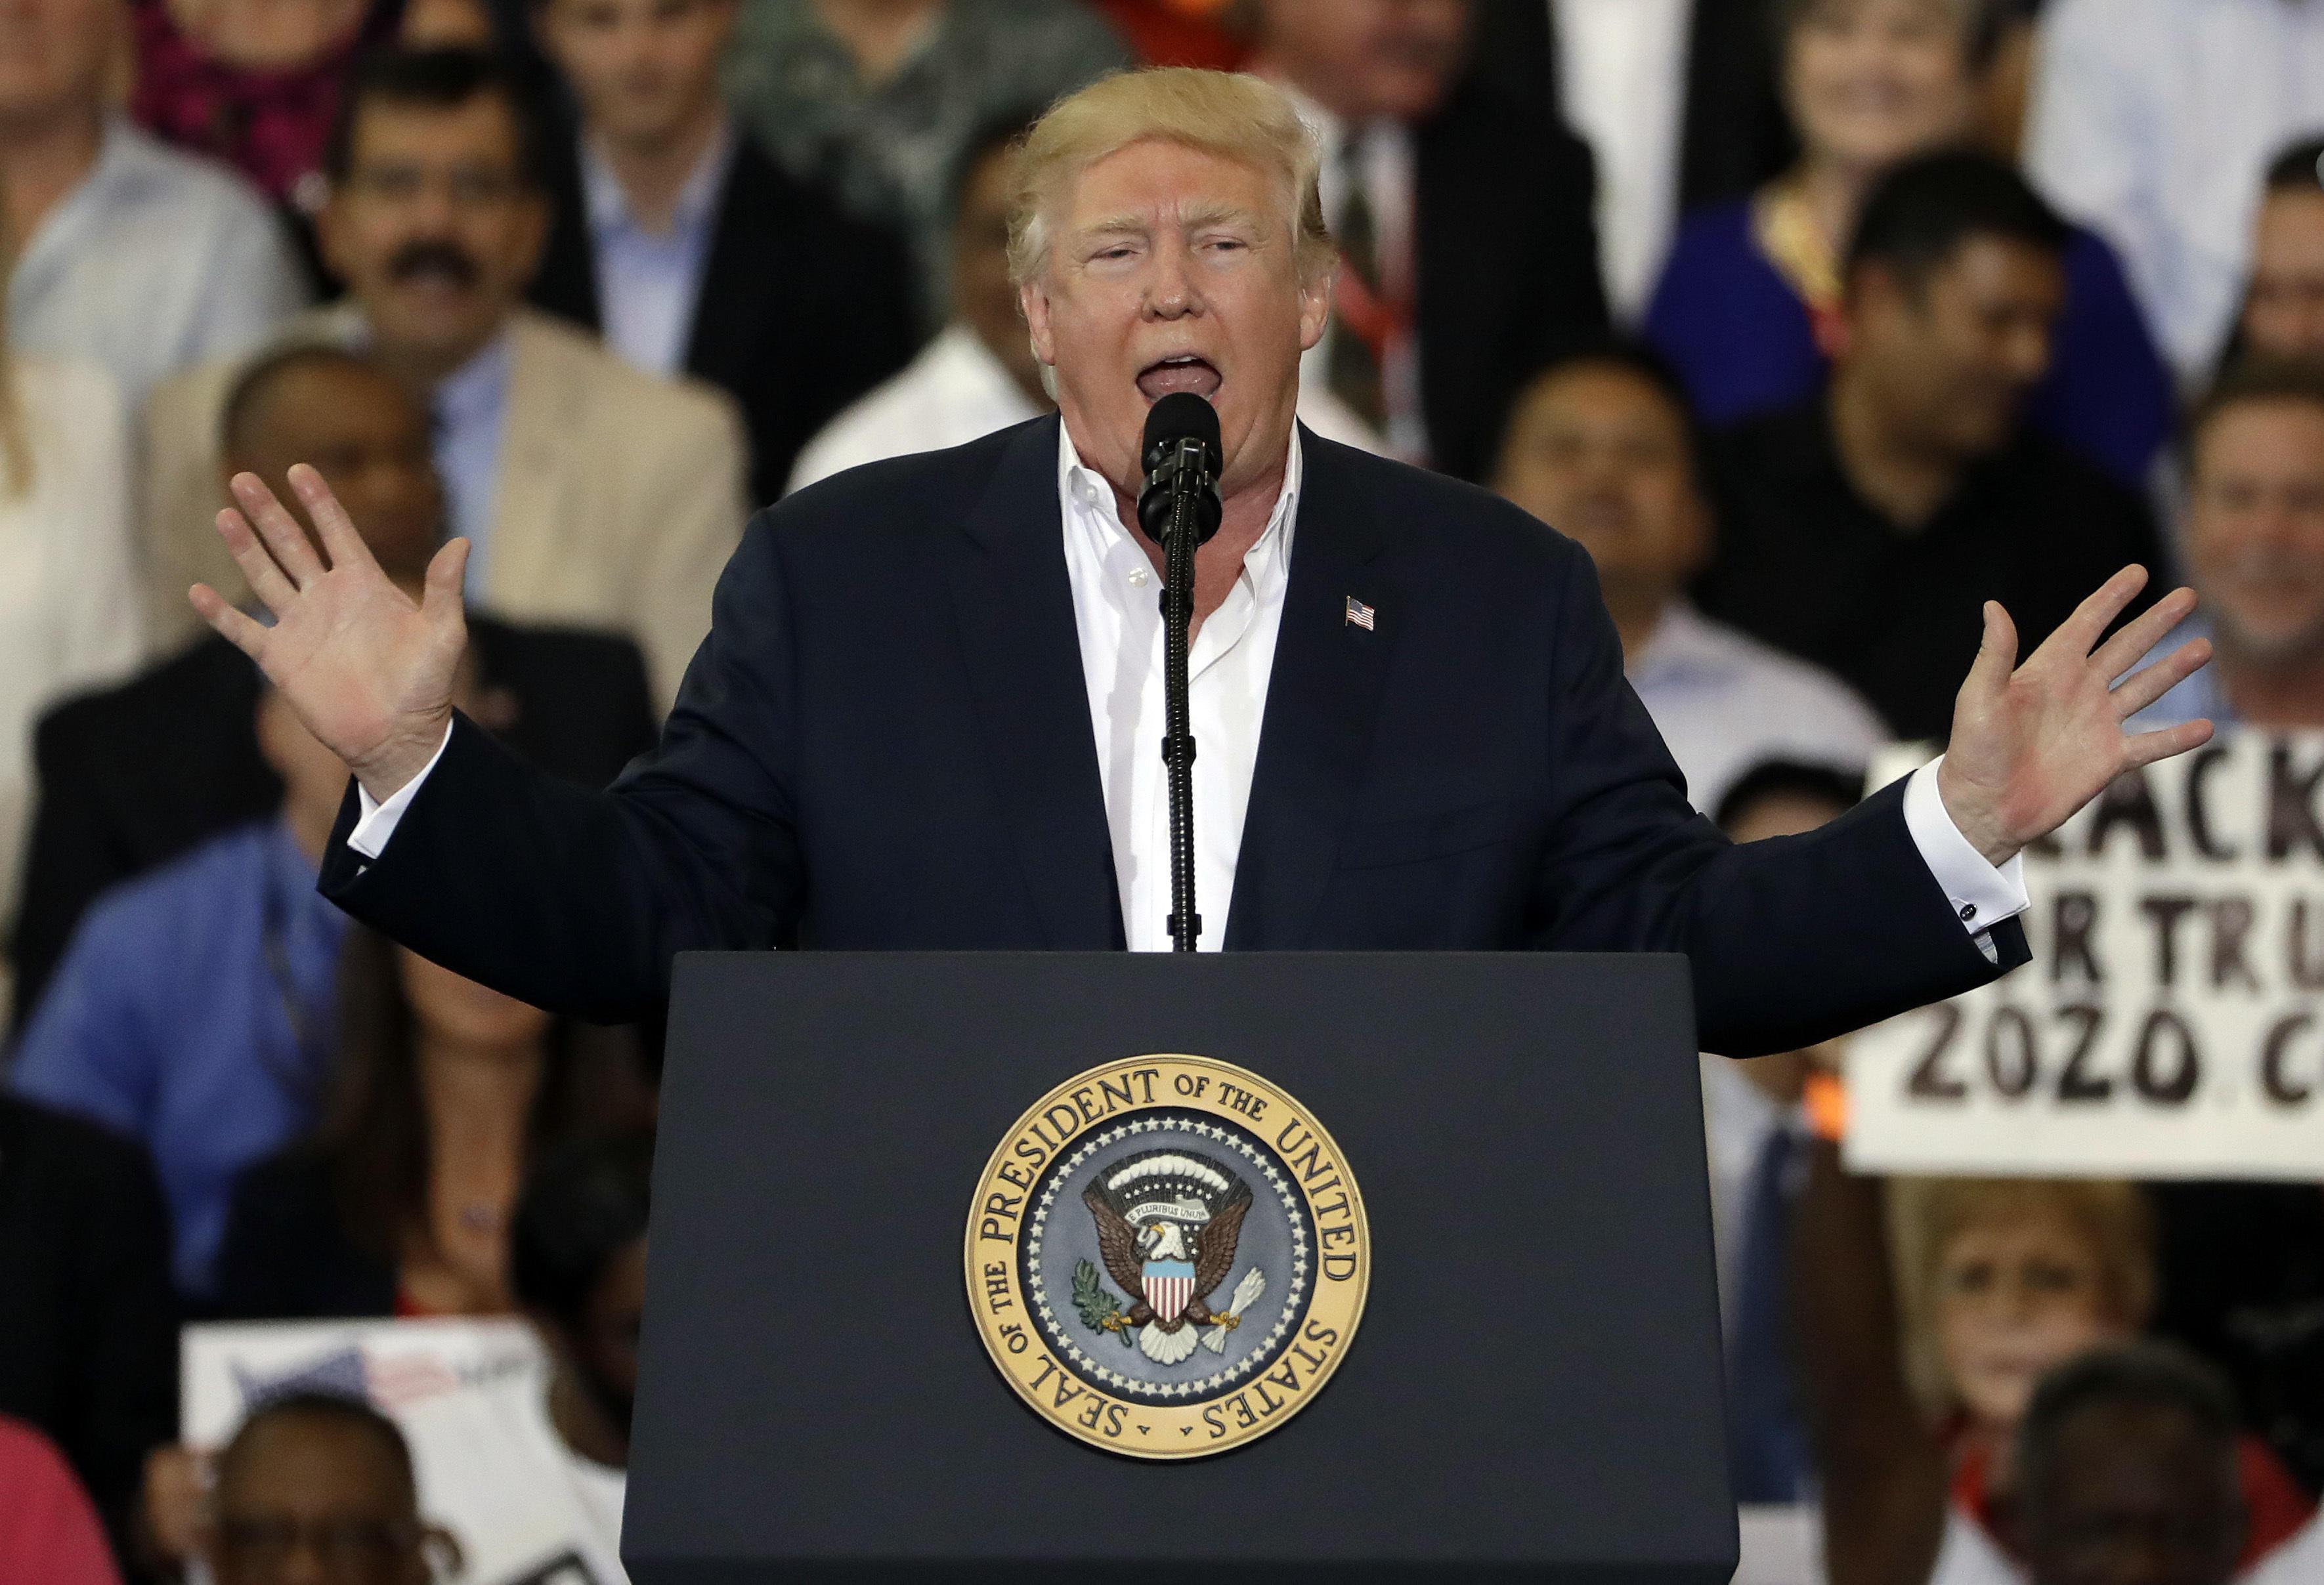 Дональд Трамп говорил о программе на Fox News, когда упомянул происшествия в Швеции. Фото: newsjs.com